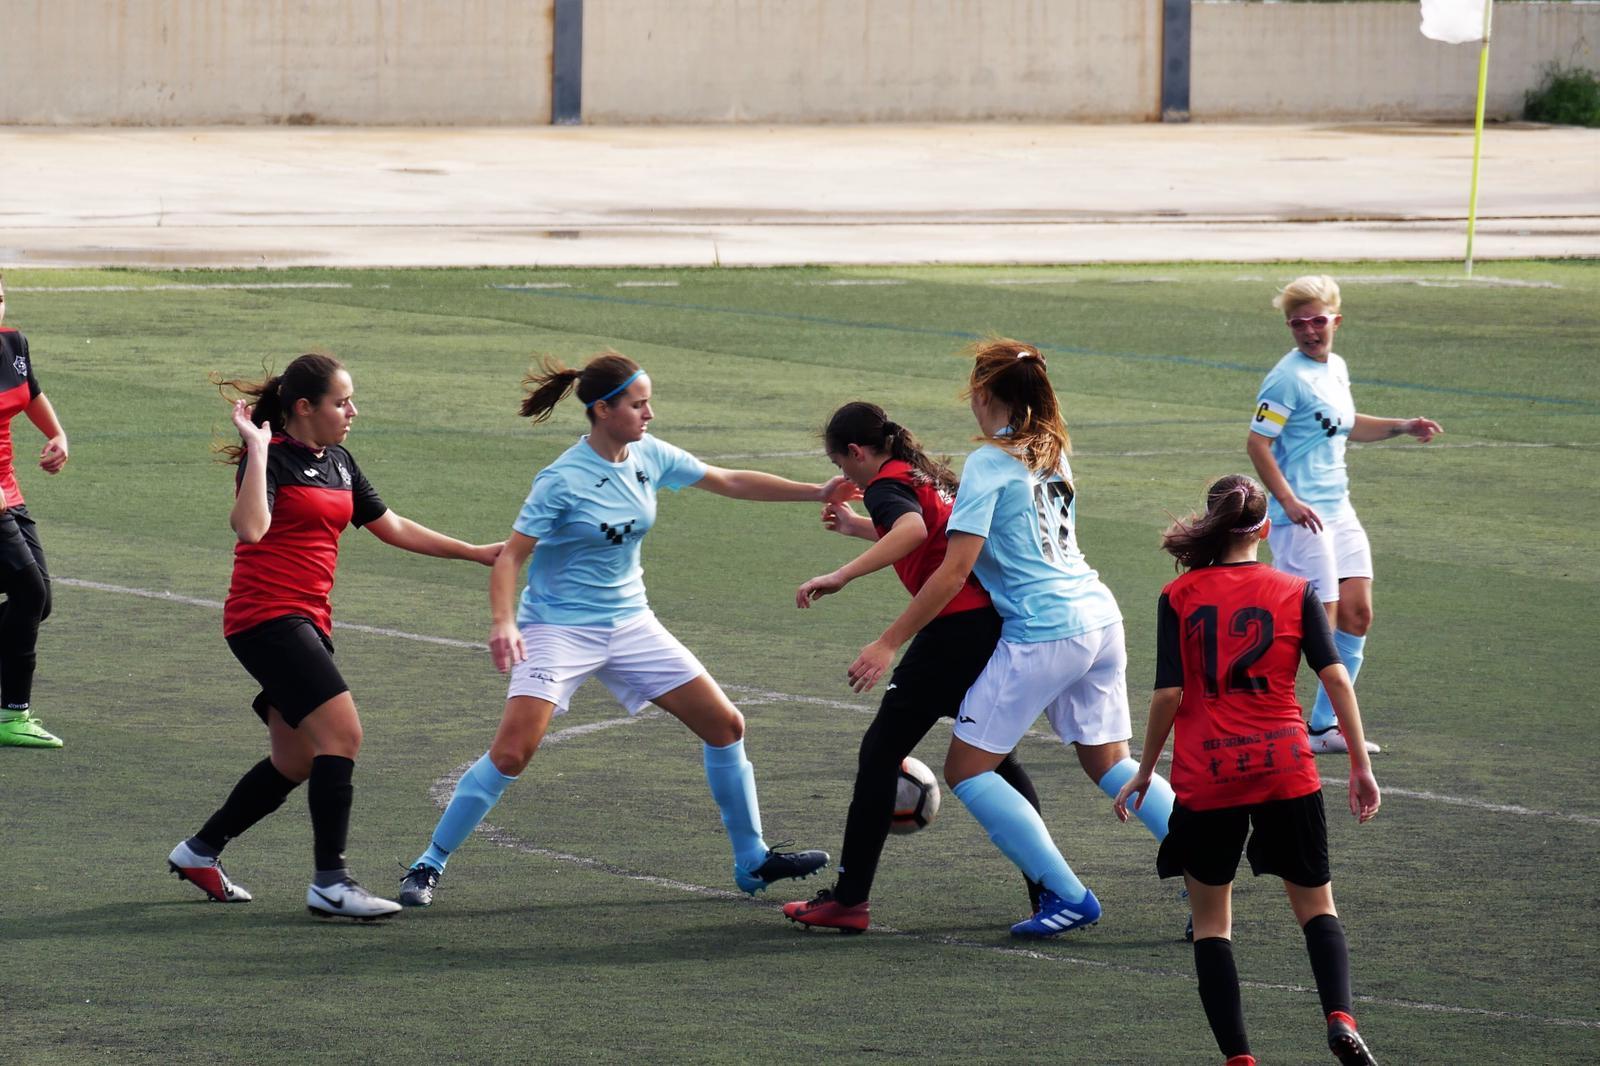 El equipo femenino vence de manera contundente al Loma de Acosta